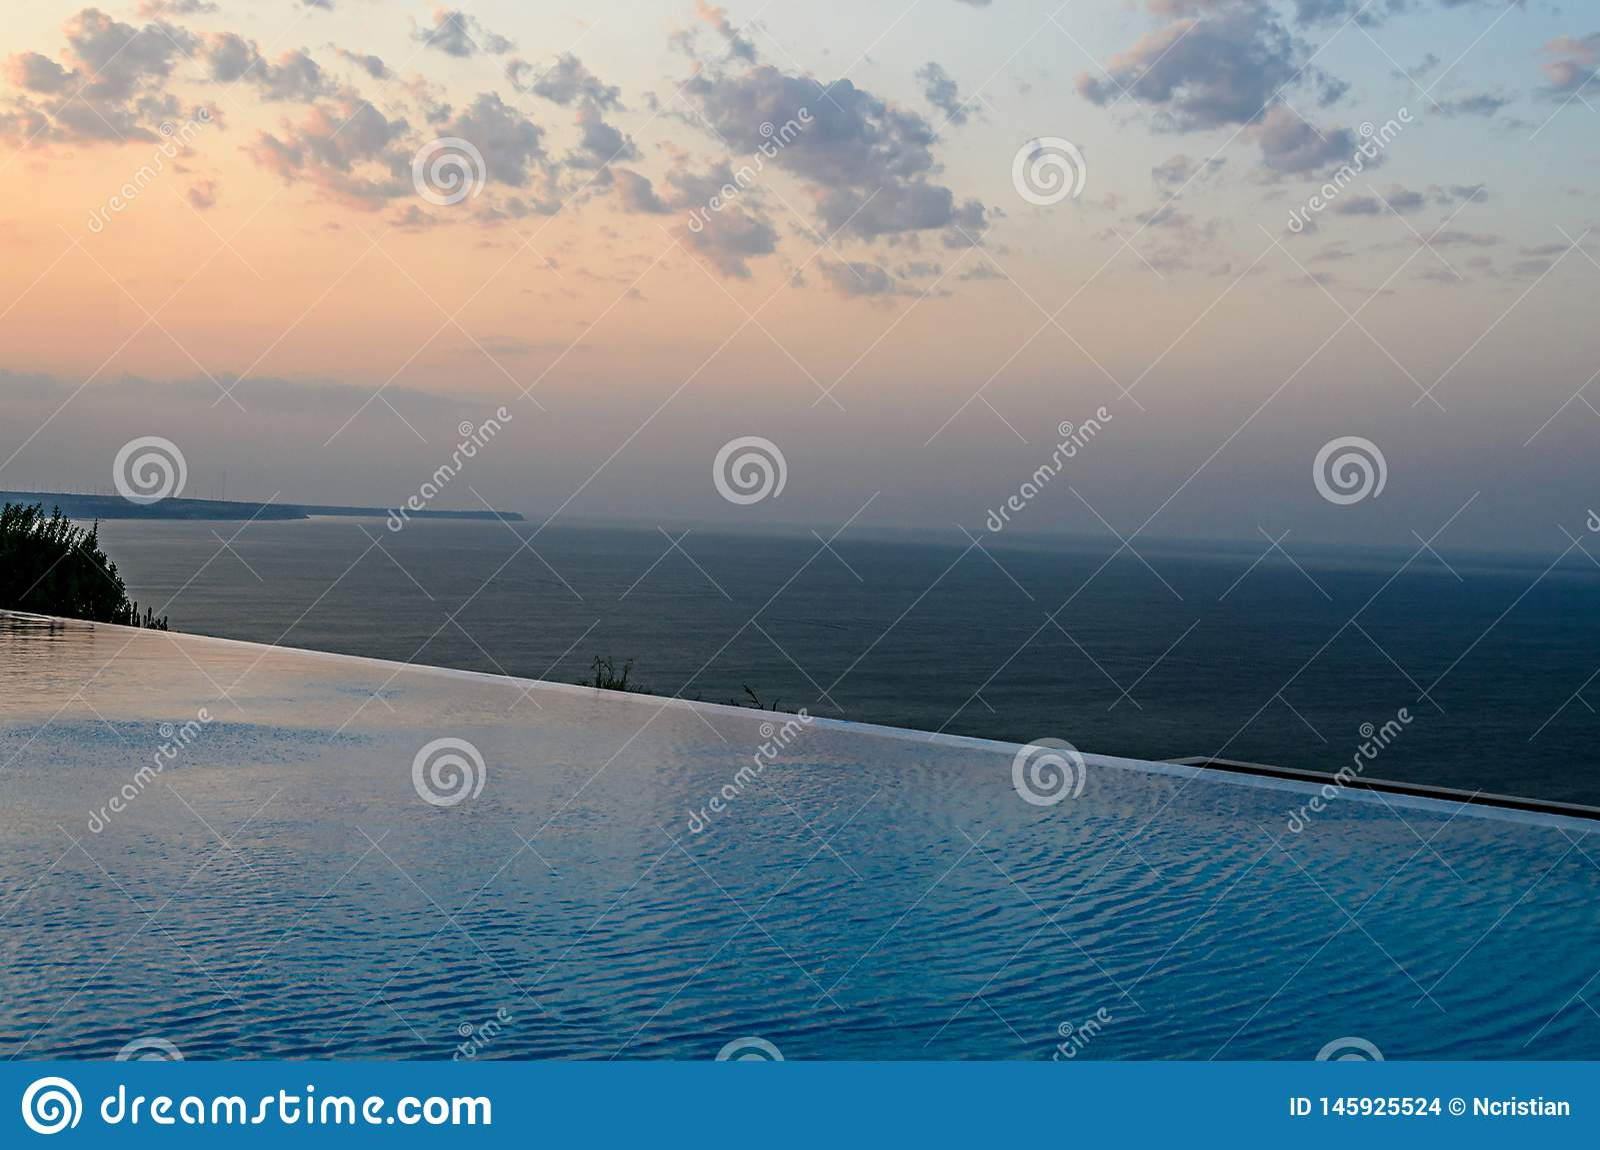 Λίμνη απείρου με την μπλε άποψη νερού κρυστάλλου στον ωκεανό θάλασσας